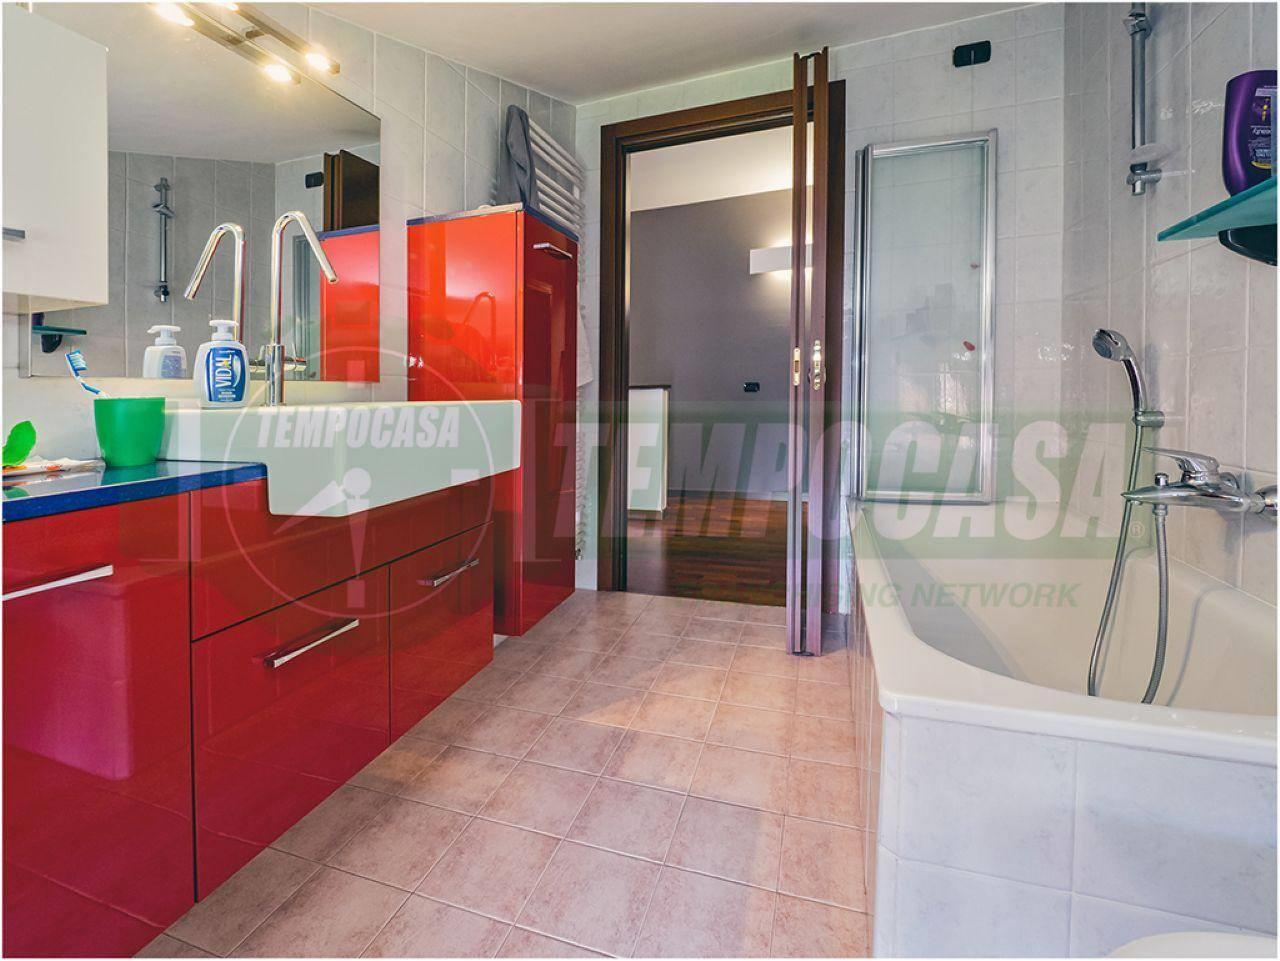 Foto 18 - Appartamento in Vendita - Cesano Maderno (Monza e Brianza)